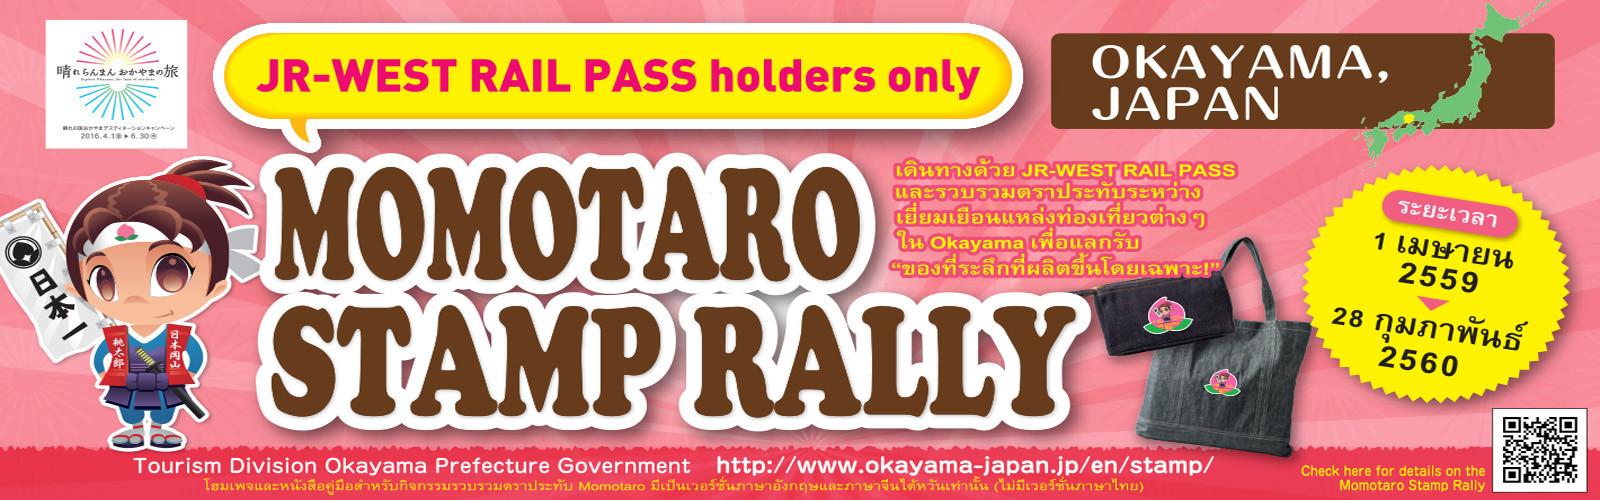 160330--Momotaro-Rally